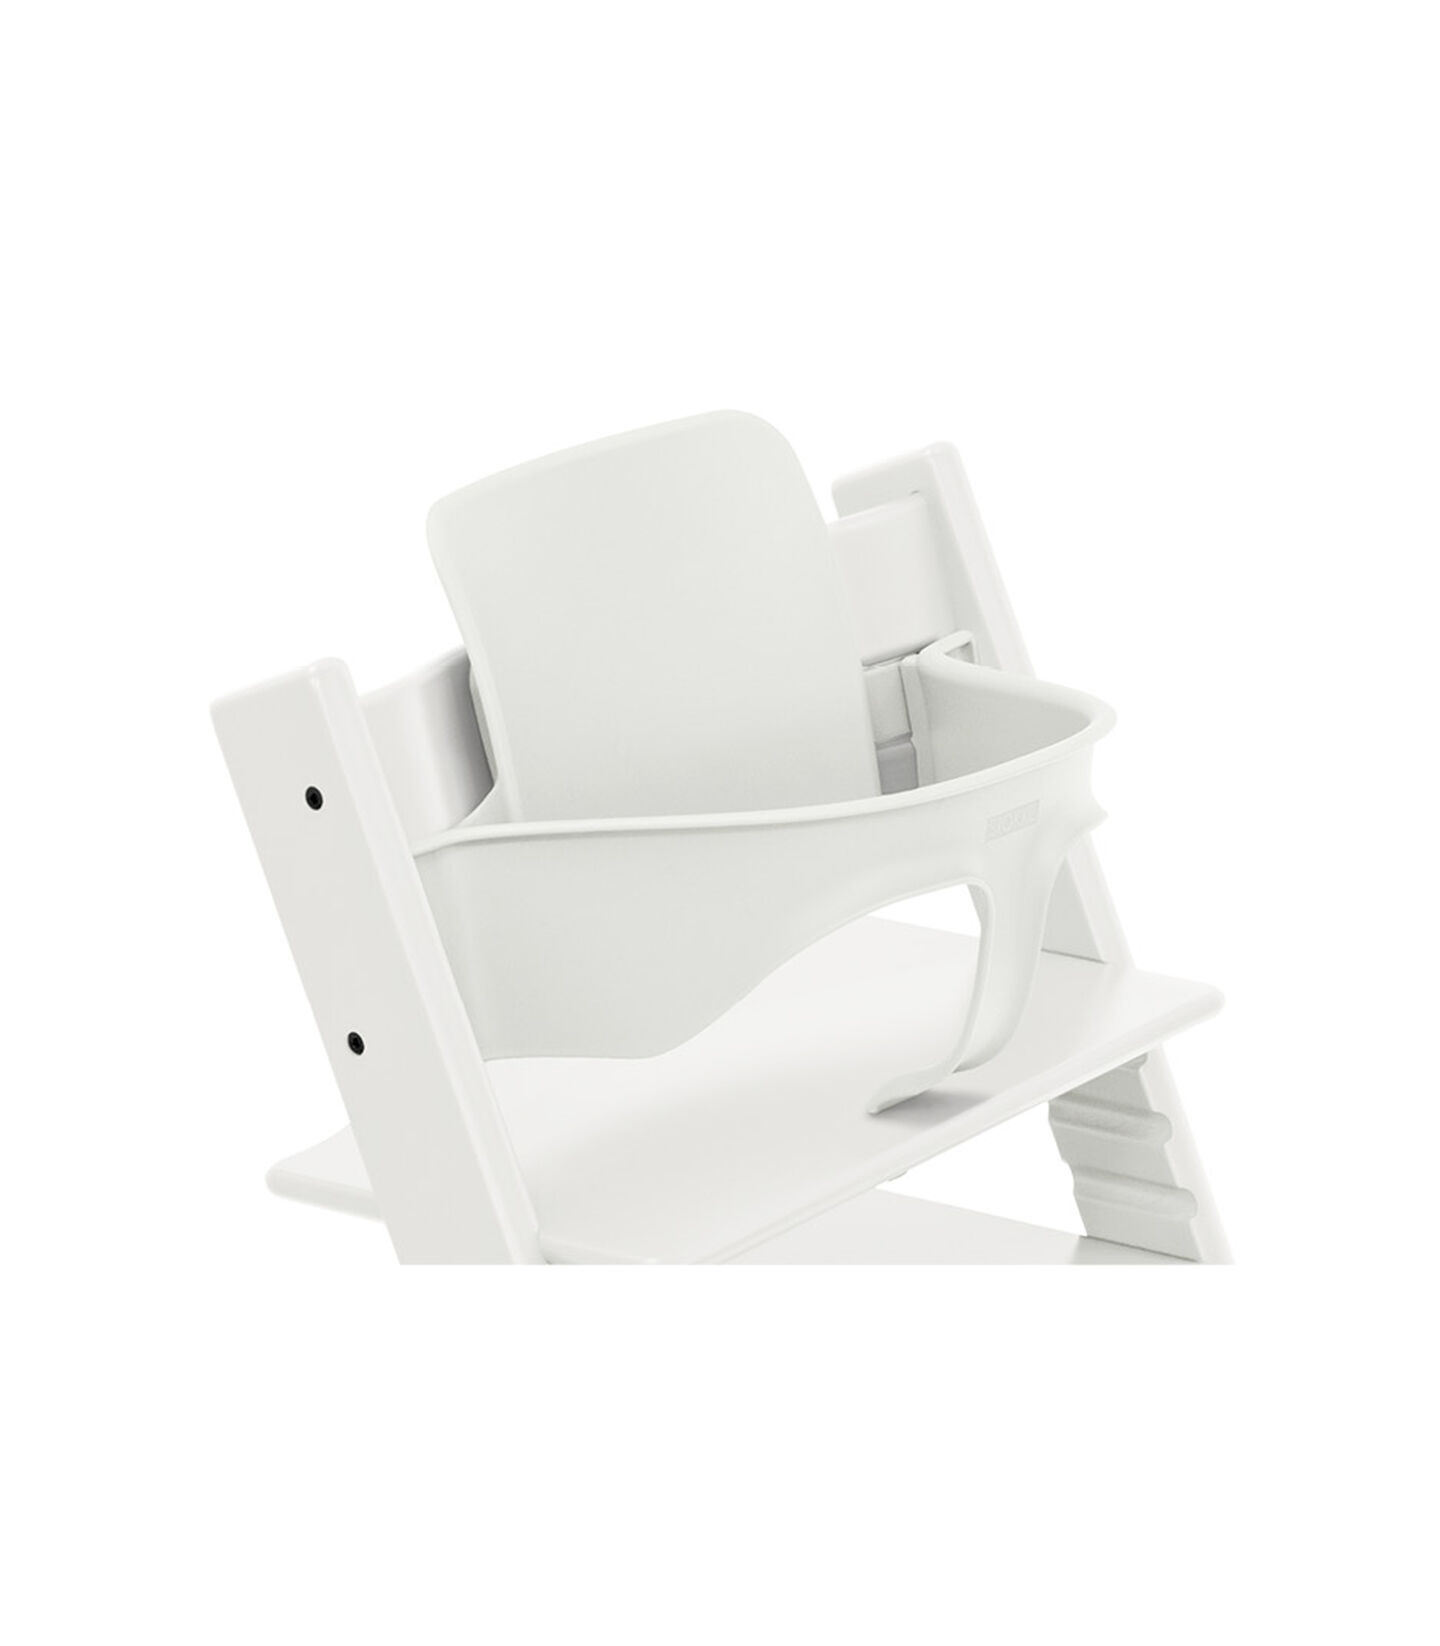 Tripp Trapp® Baby Set - Zestaw niemowlęcy White, White, mainview view 2